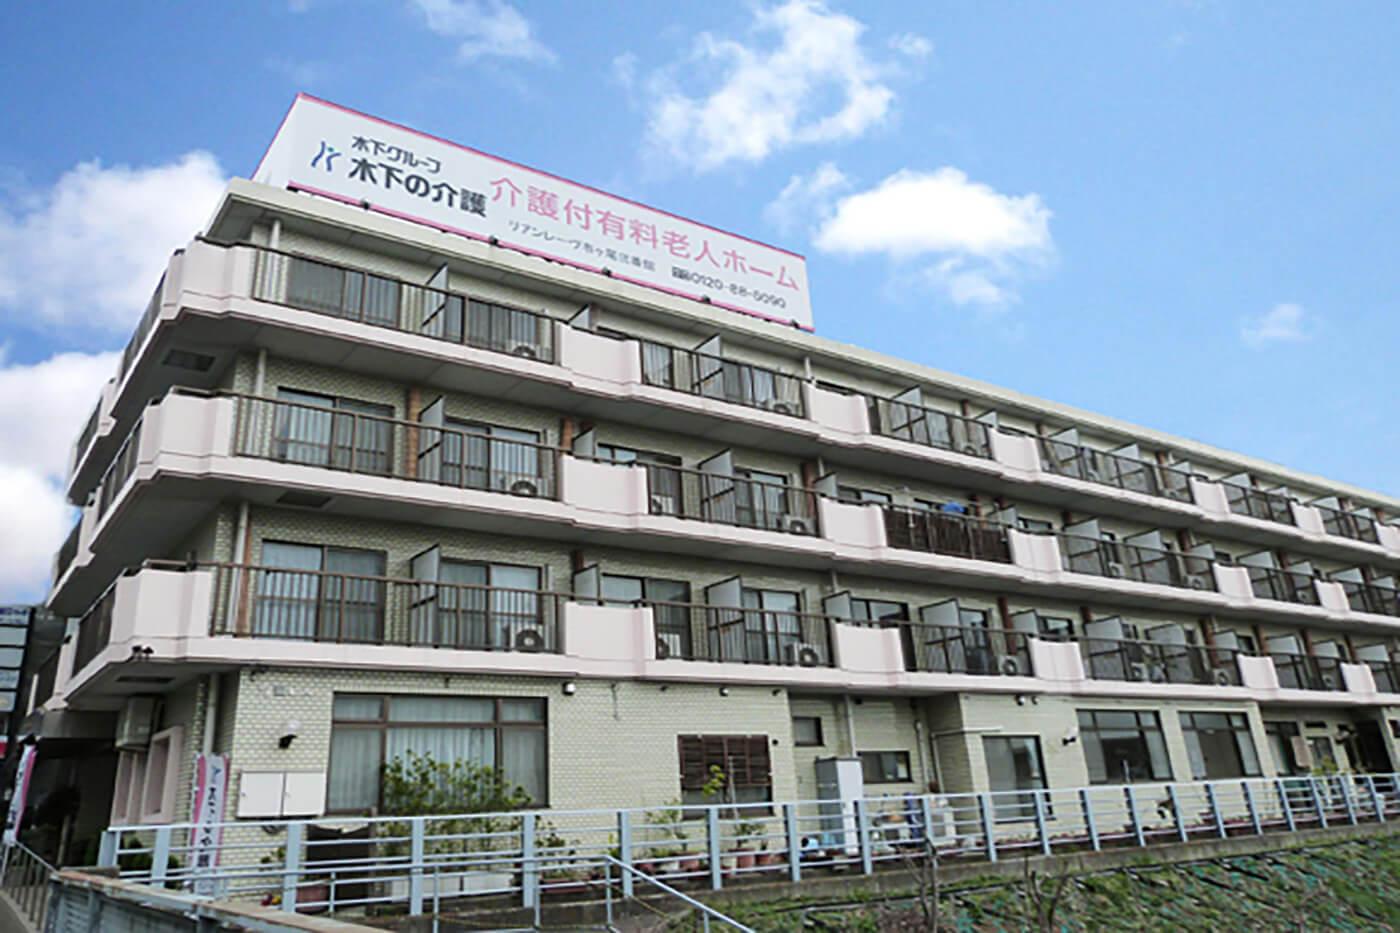 Kinoshita(81)new